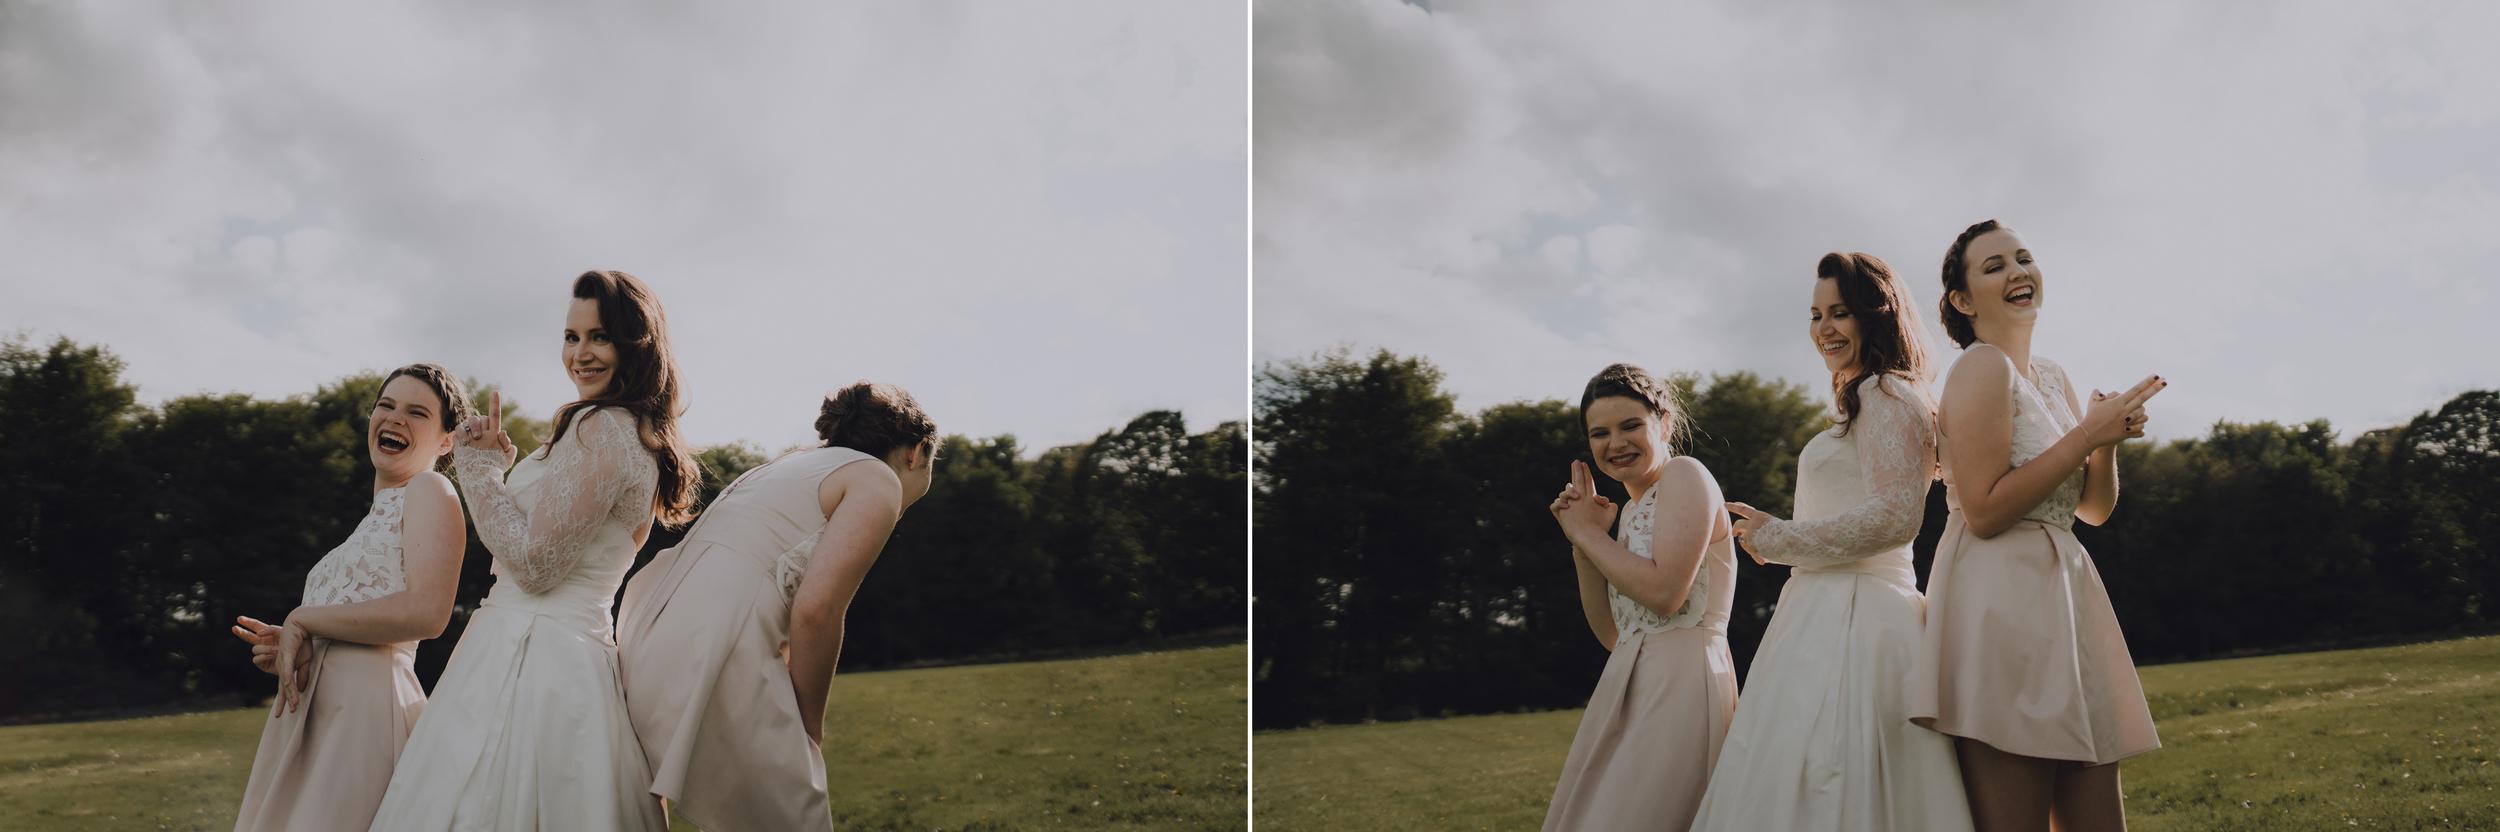 bruidsfotografie-amsterdam-utrecht--aberdeen-mark-hadden-wedding-photography-lynne-steve-155 copy.jpg